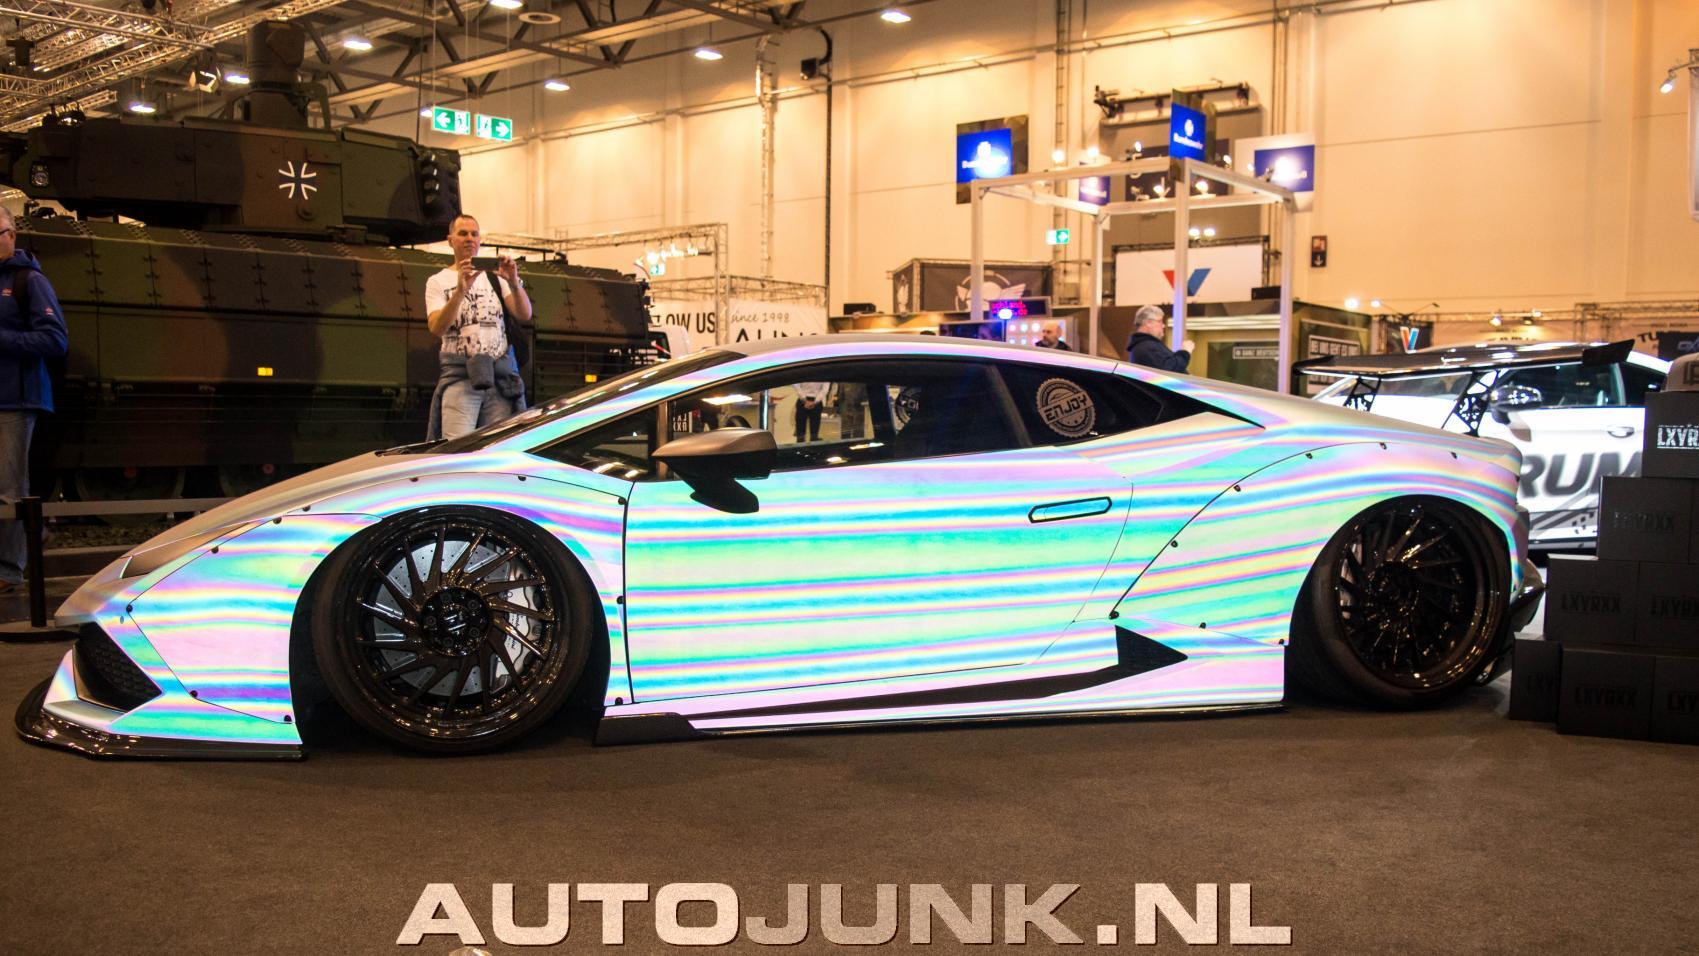 lexy roxx auto